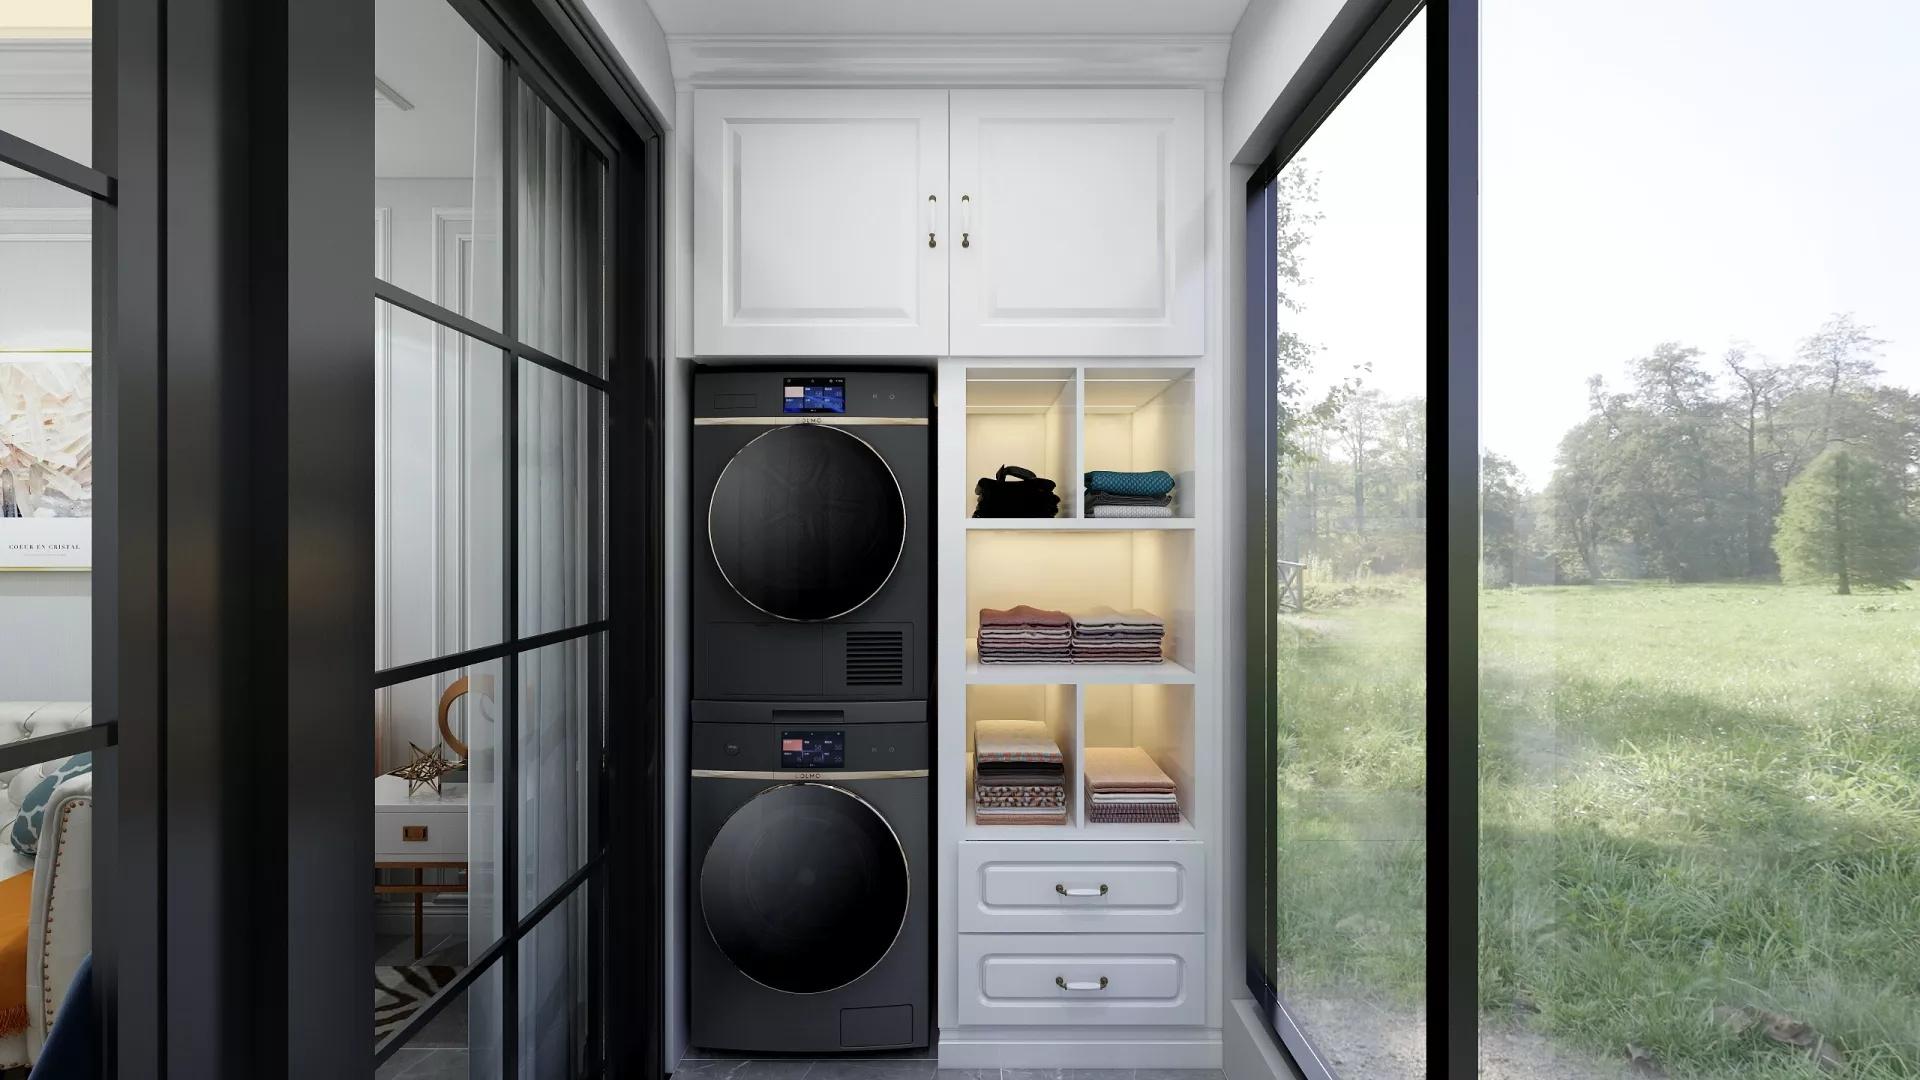 北欧风格电视柜如何搭配 北欧风格电视柜有哪些特点